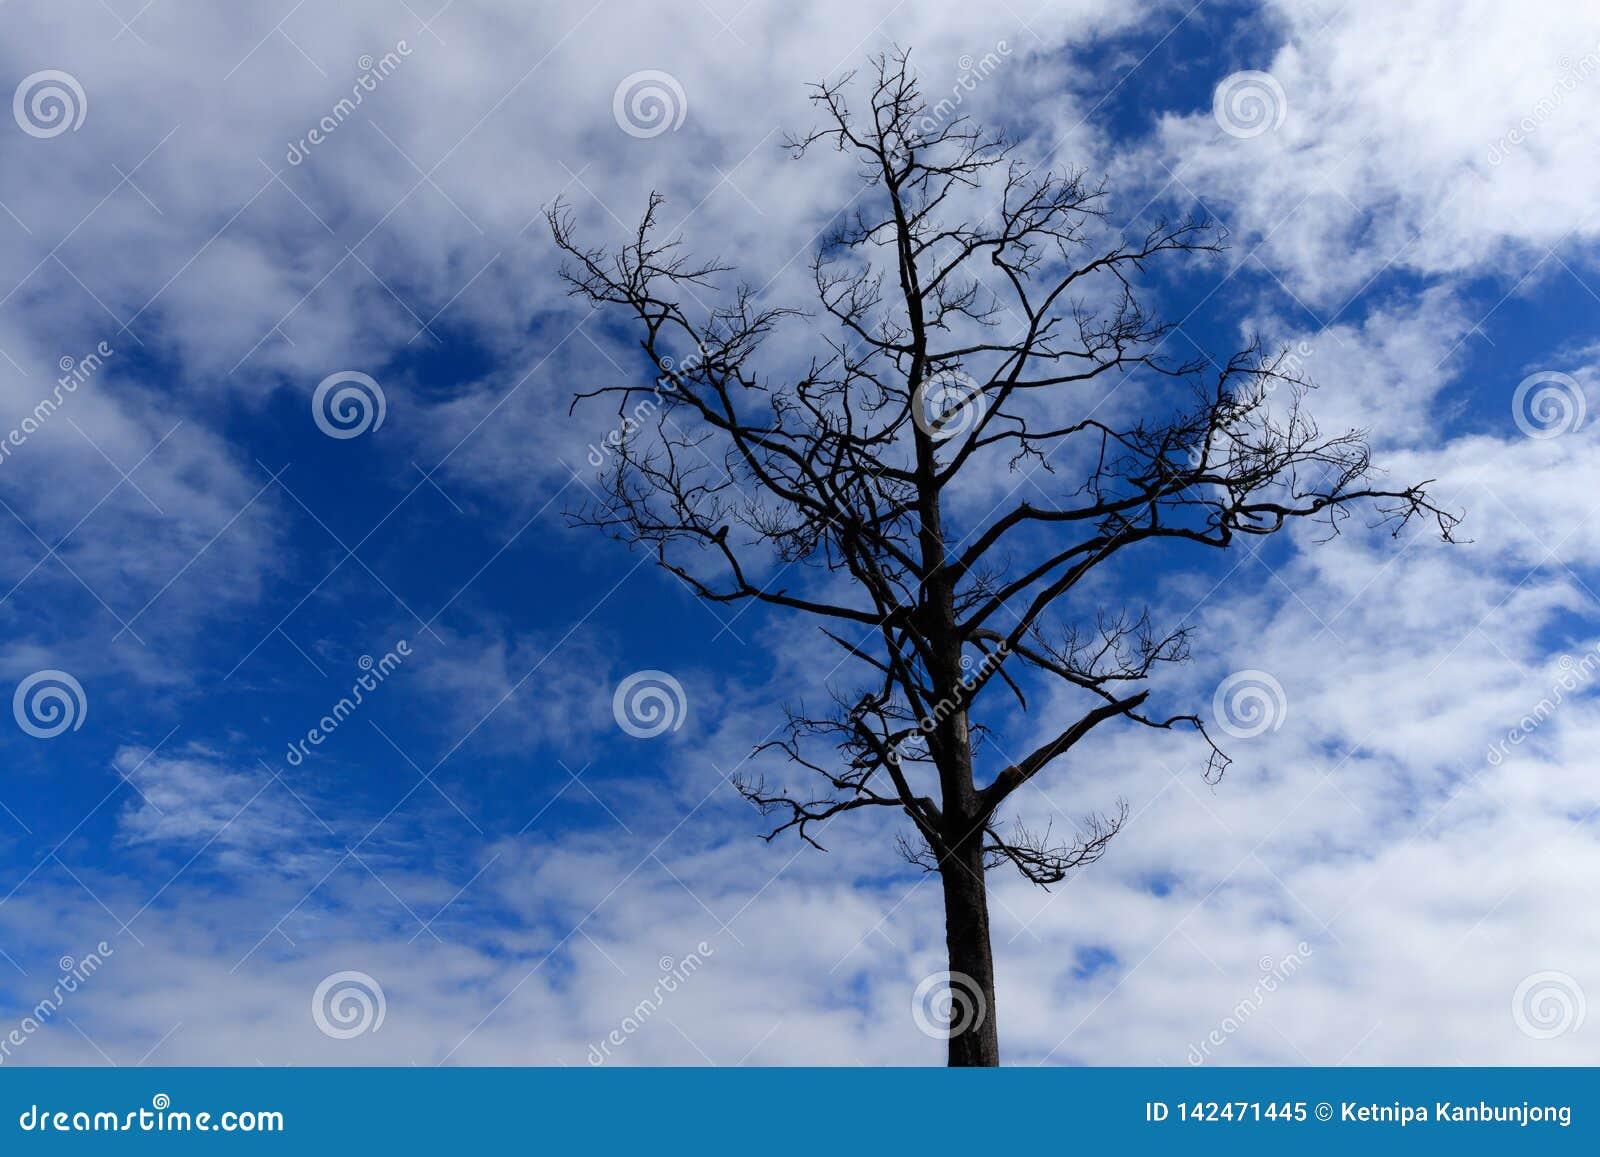 Árvore desencapada, árvore Leafless, está no fim da estação do inverno